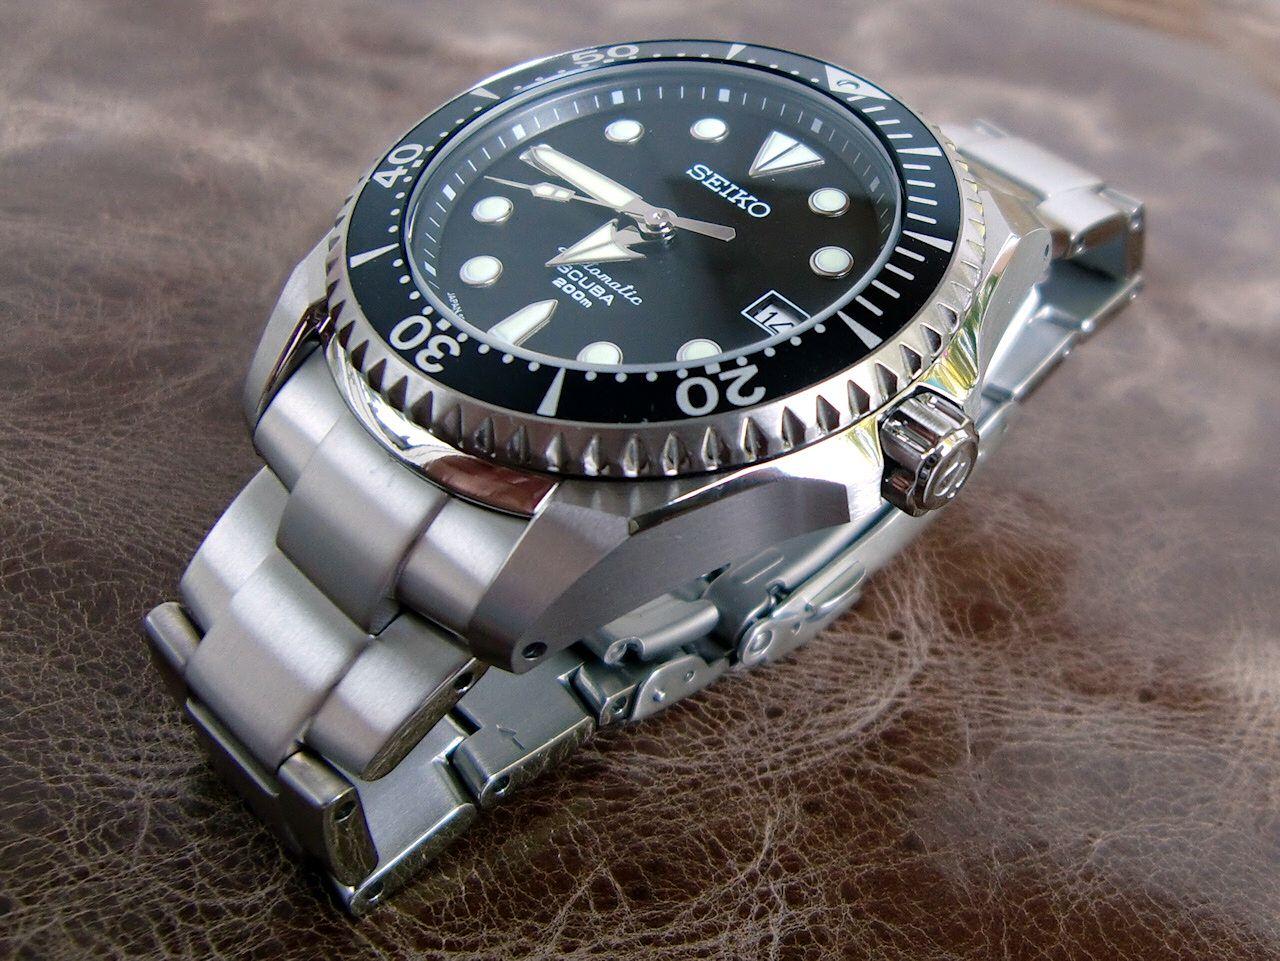 Seiko y los apodos de sus relojes C8688c06b5d0d0613d96cba0c77ca584